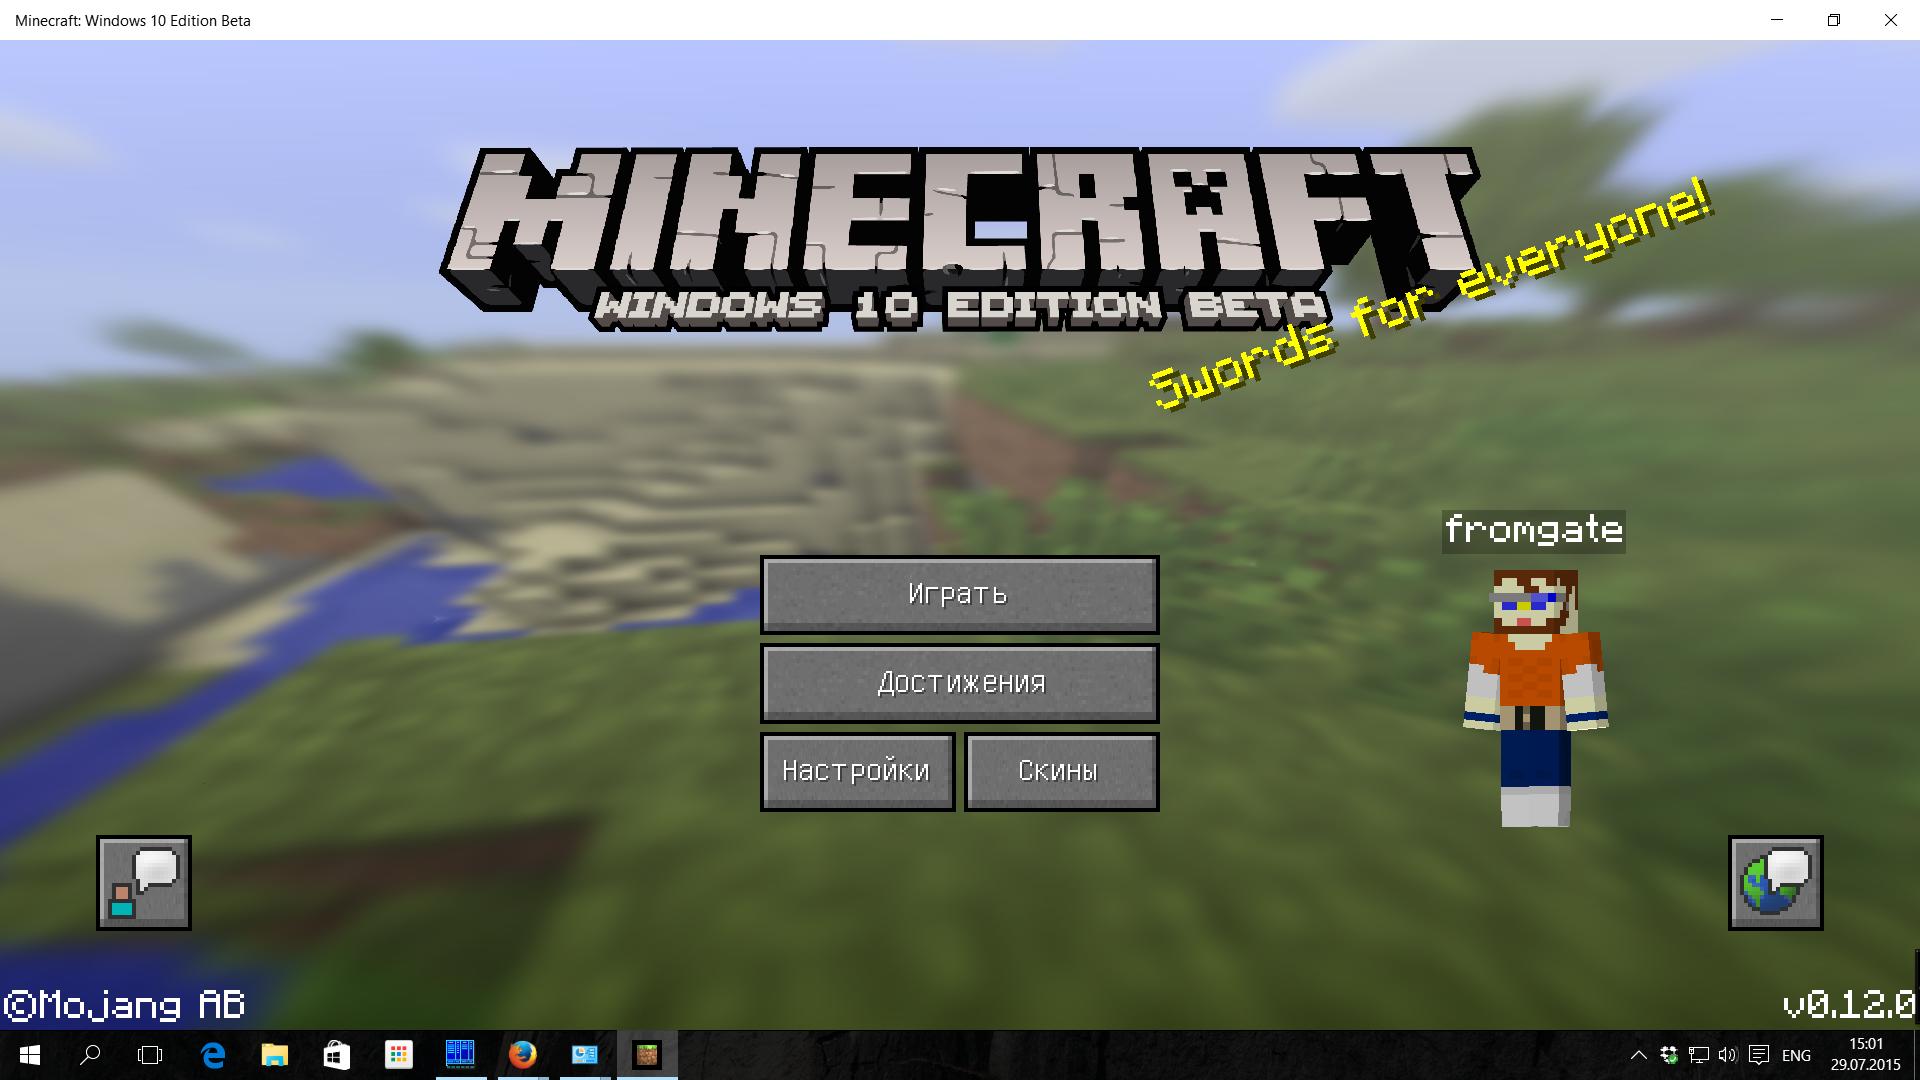 Скачать драйвера с сервера майнкрафт виндовс 7